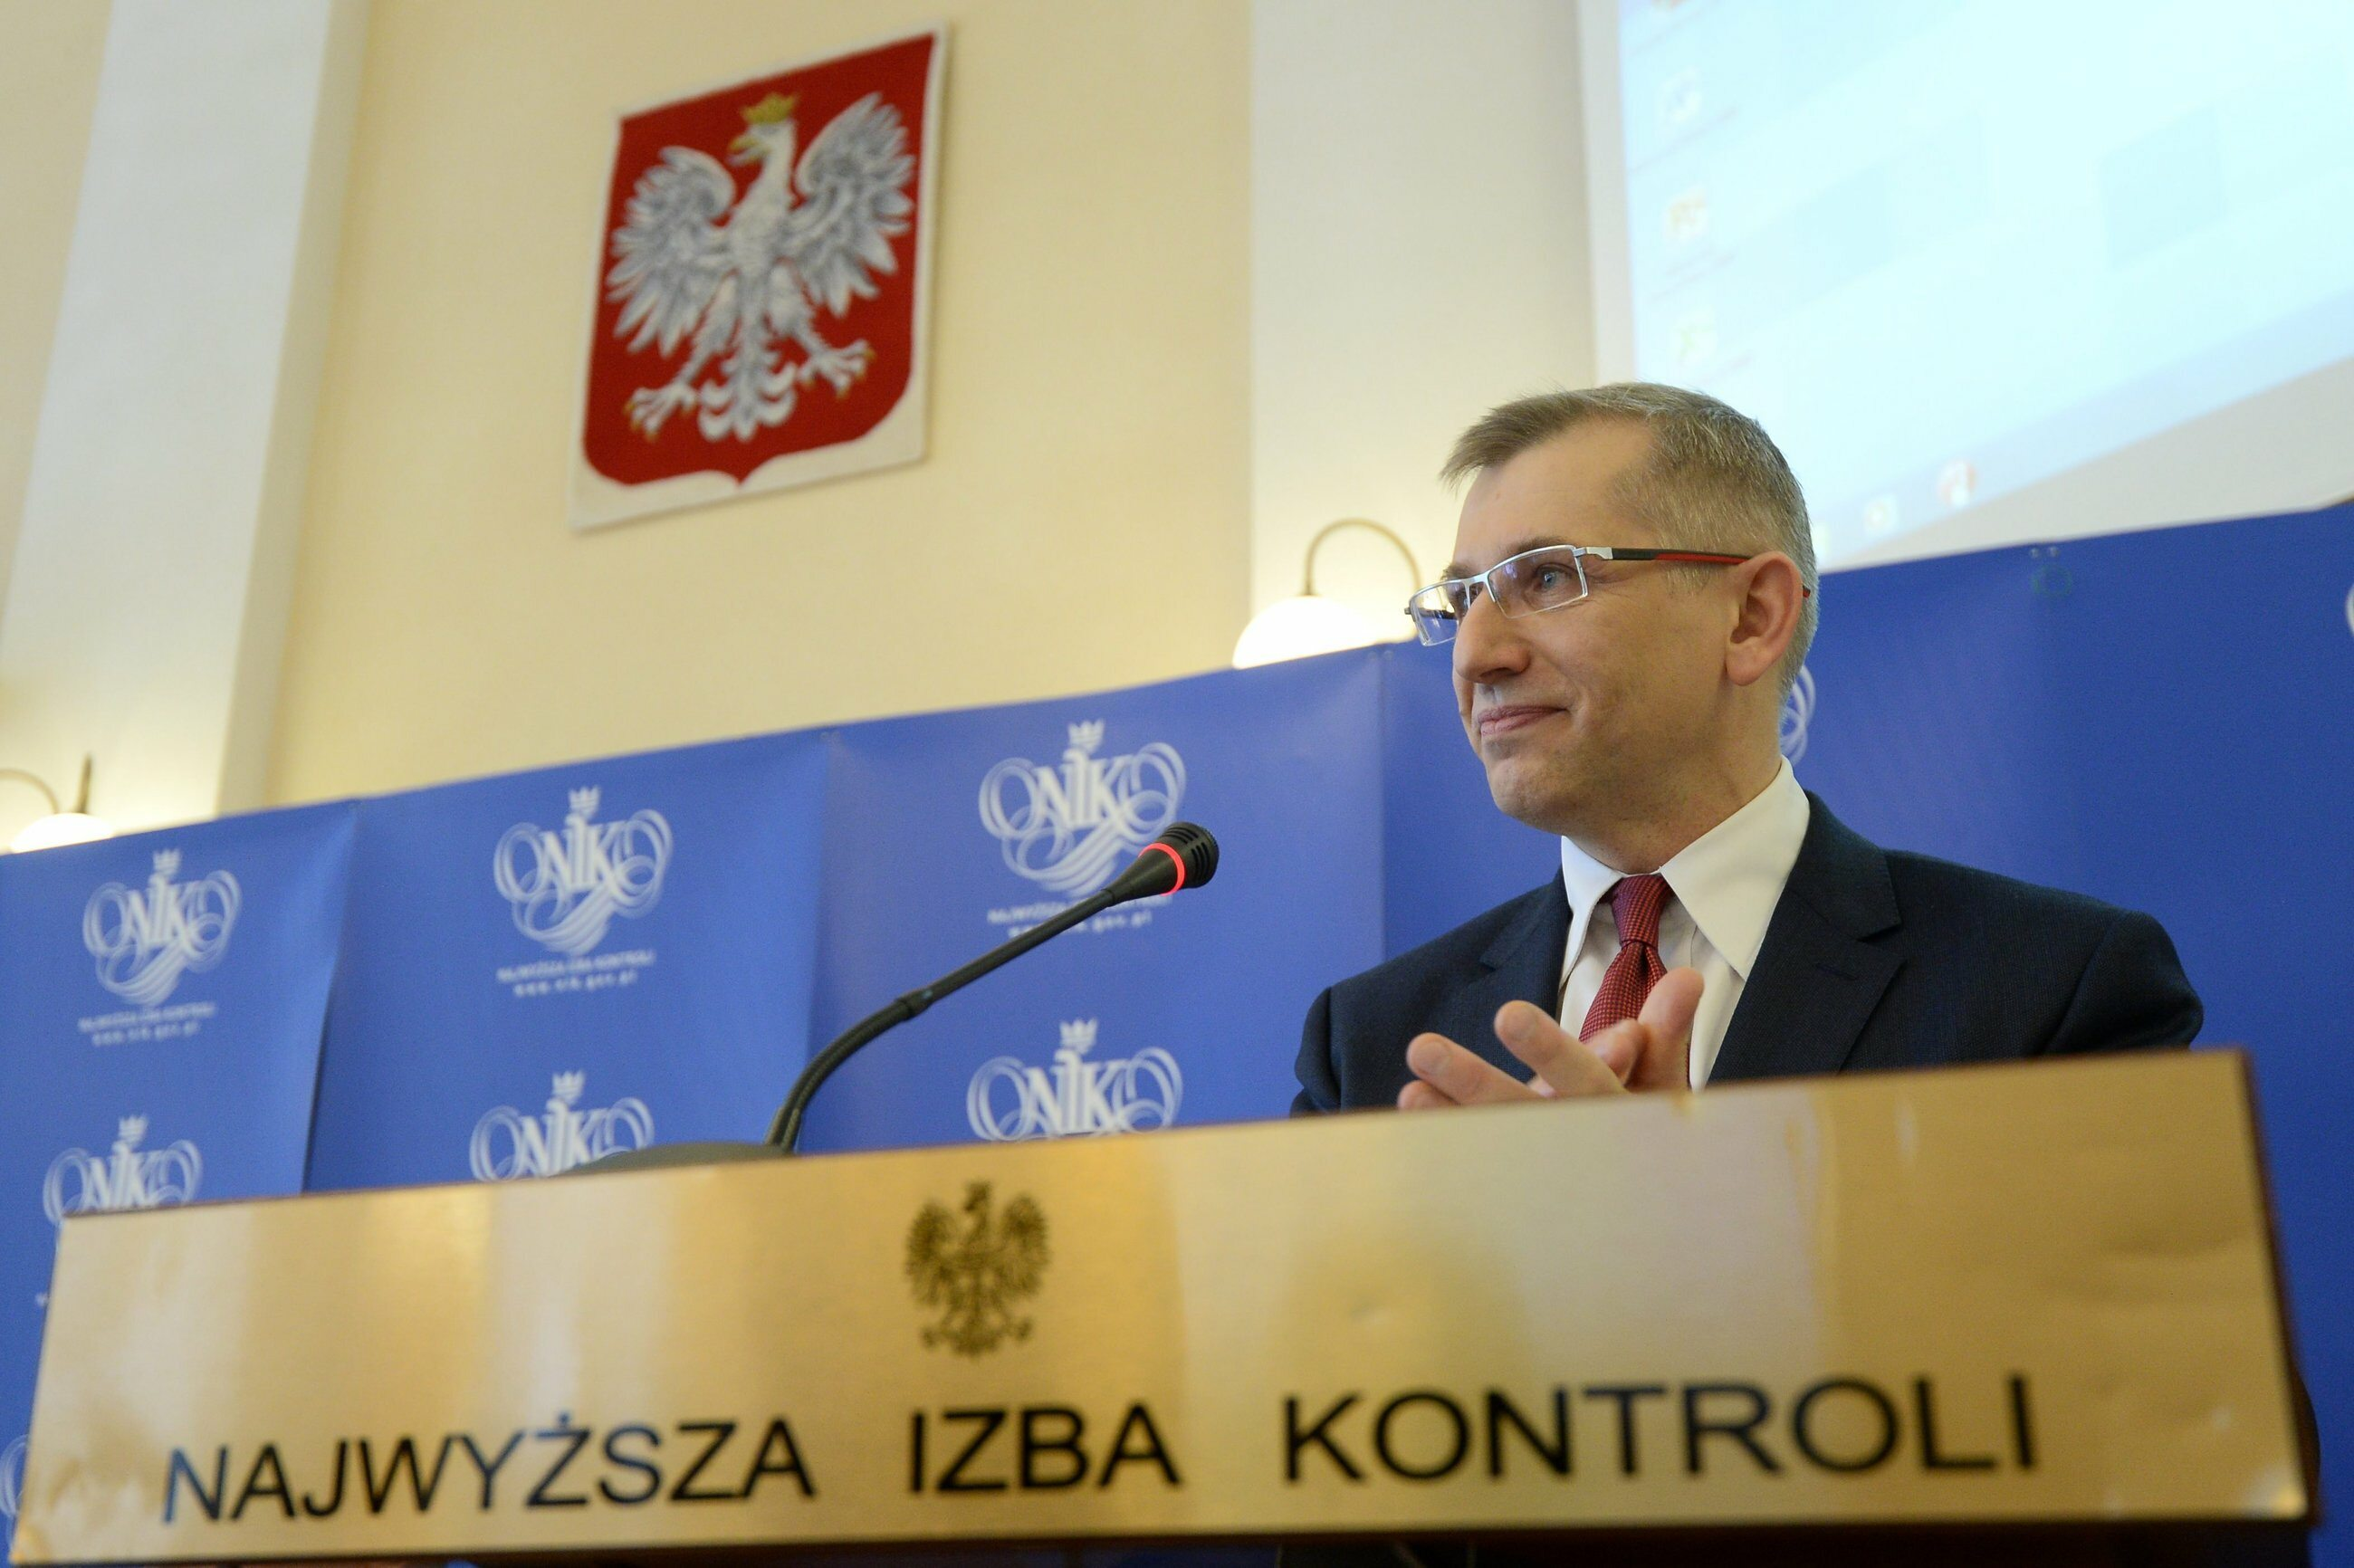 Prezes Najwyższej Izby Kontroli. Krzysztof Kwiatkowski